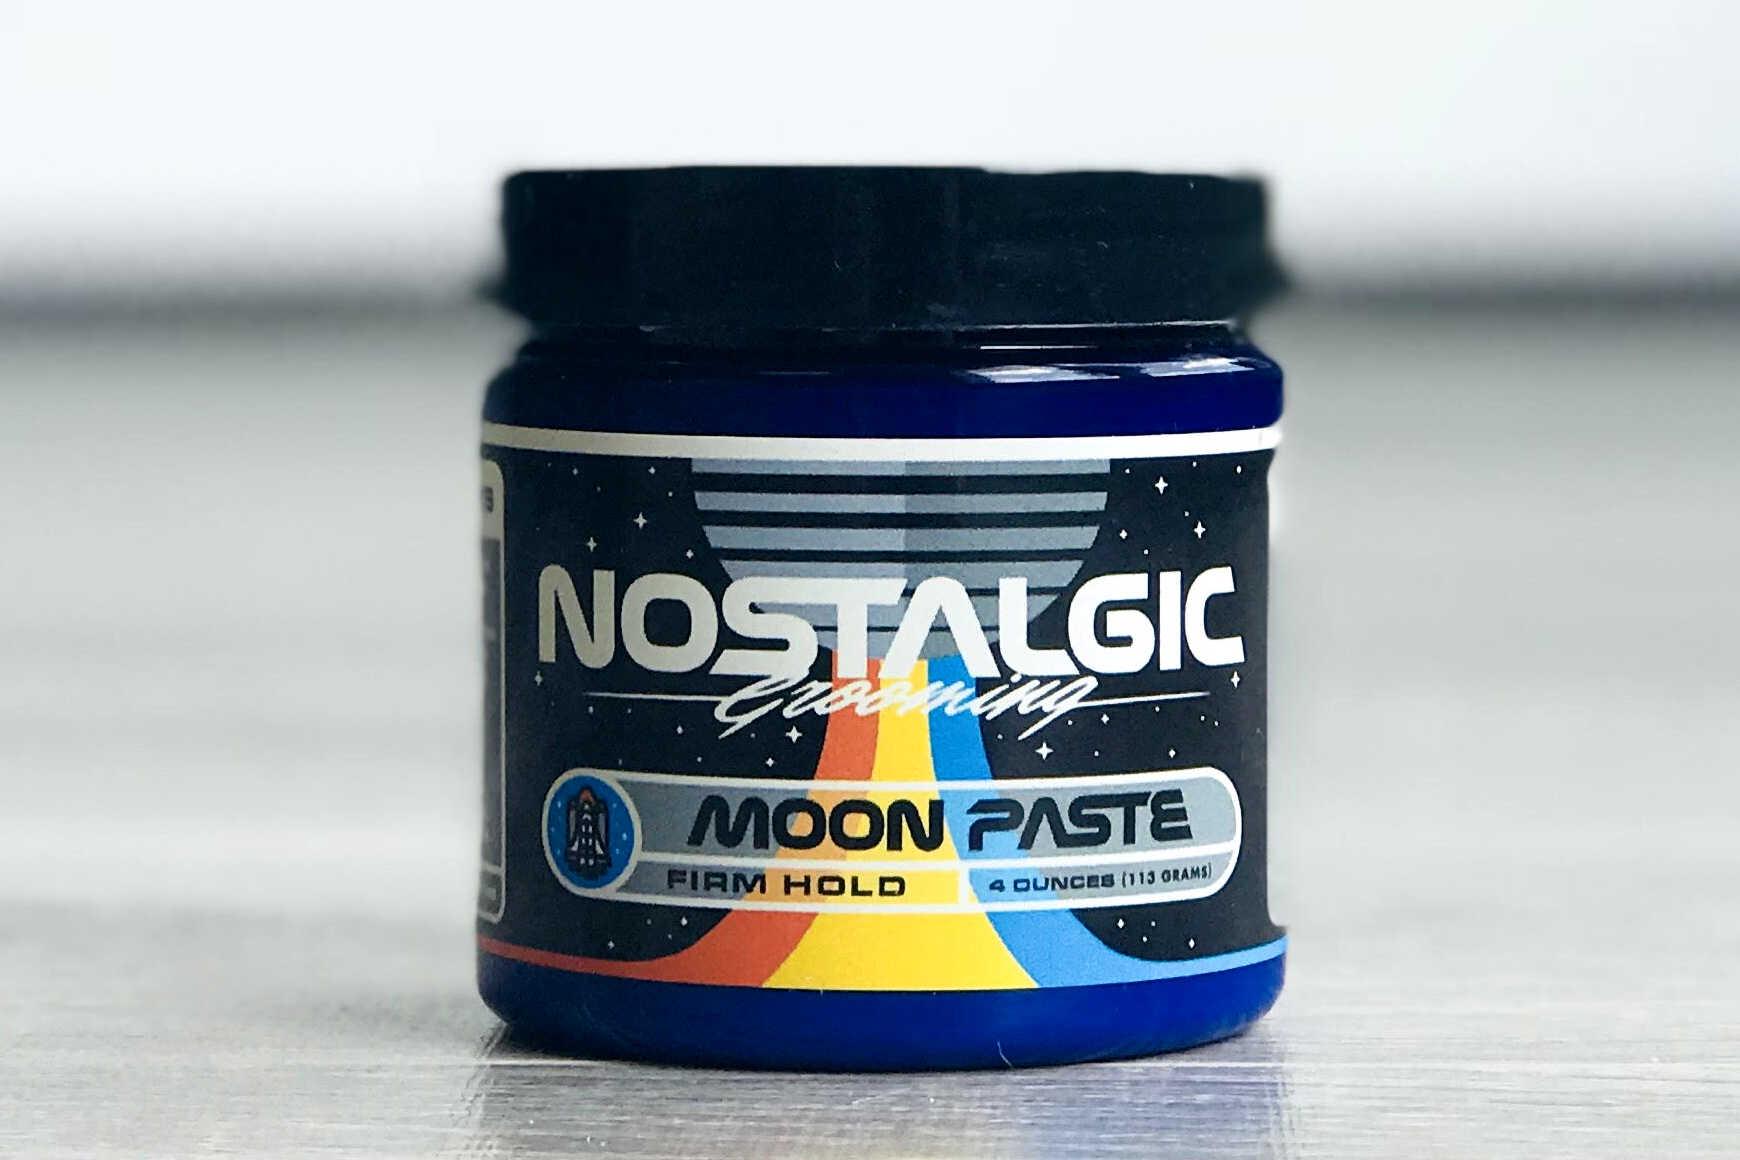 Nostalgic - Firm Moon Paste